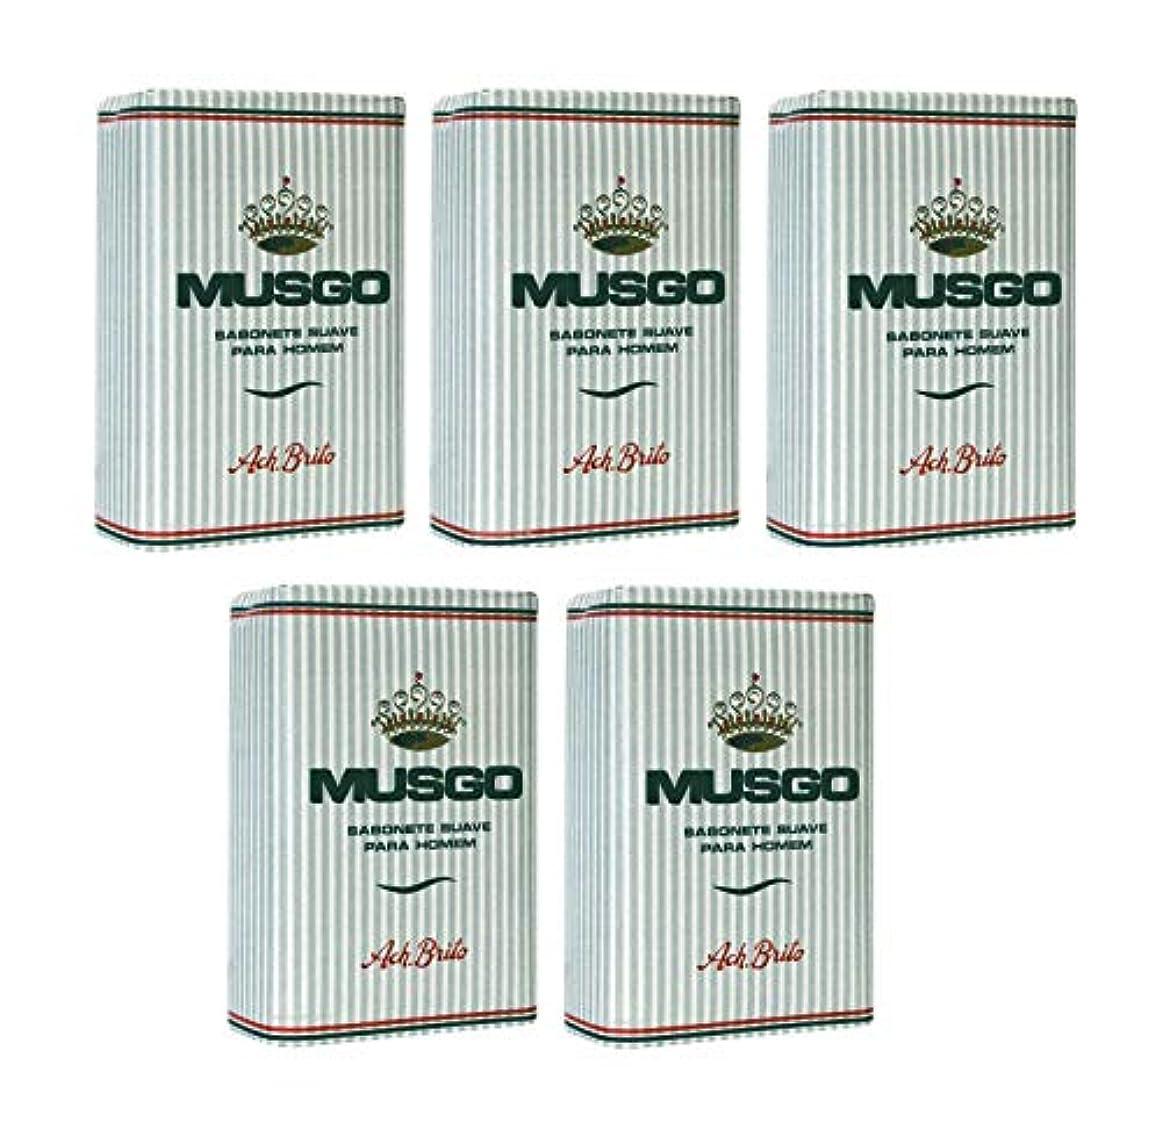 シロクマ出力打倒Musgo Real Body Soap 「ロイヤルモス」 ボディソープバー 160g x 5個 [並行輸入品]